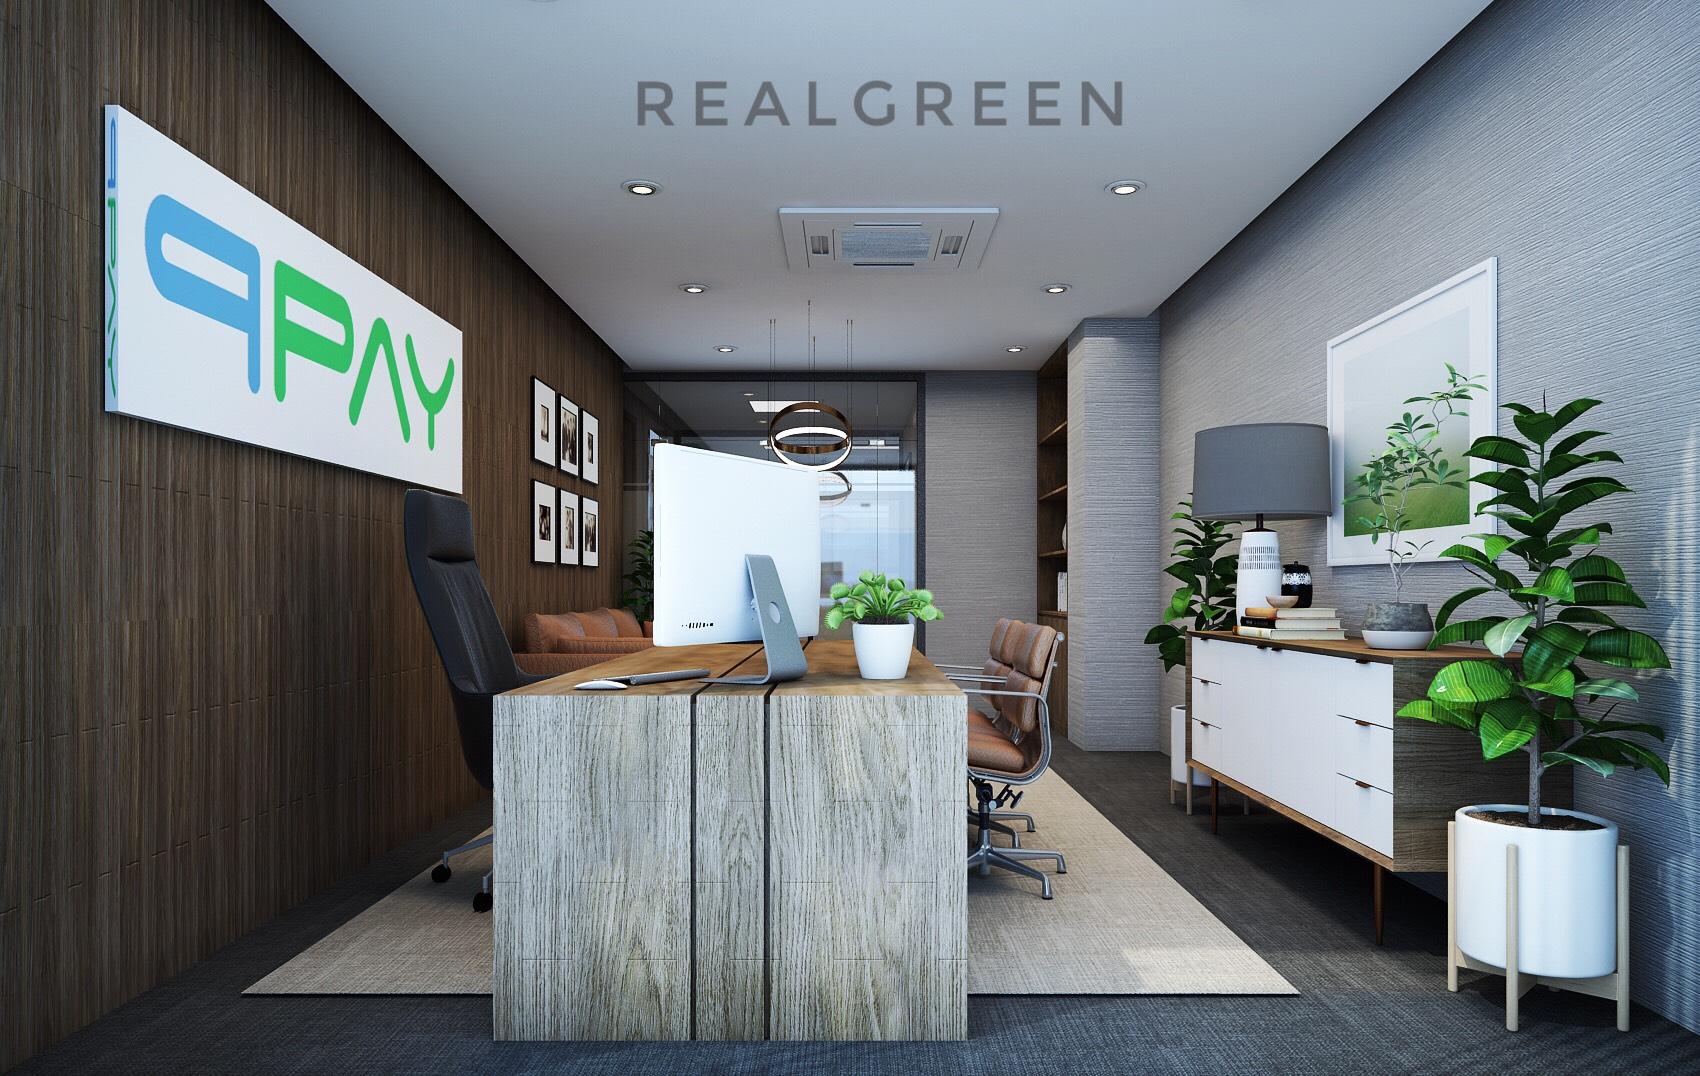 Nội Thất Văn Phòng Realgreen